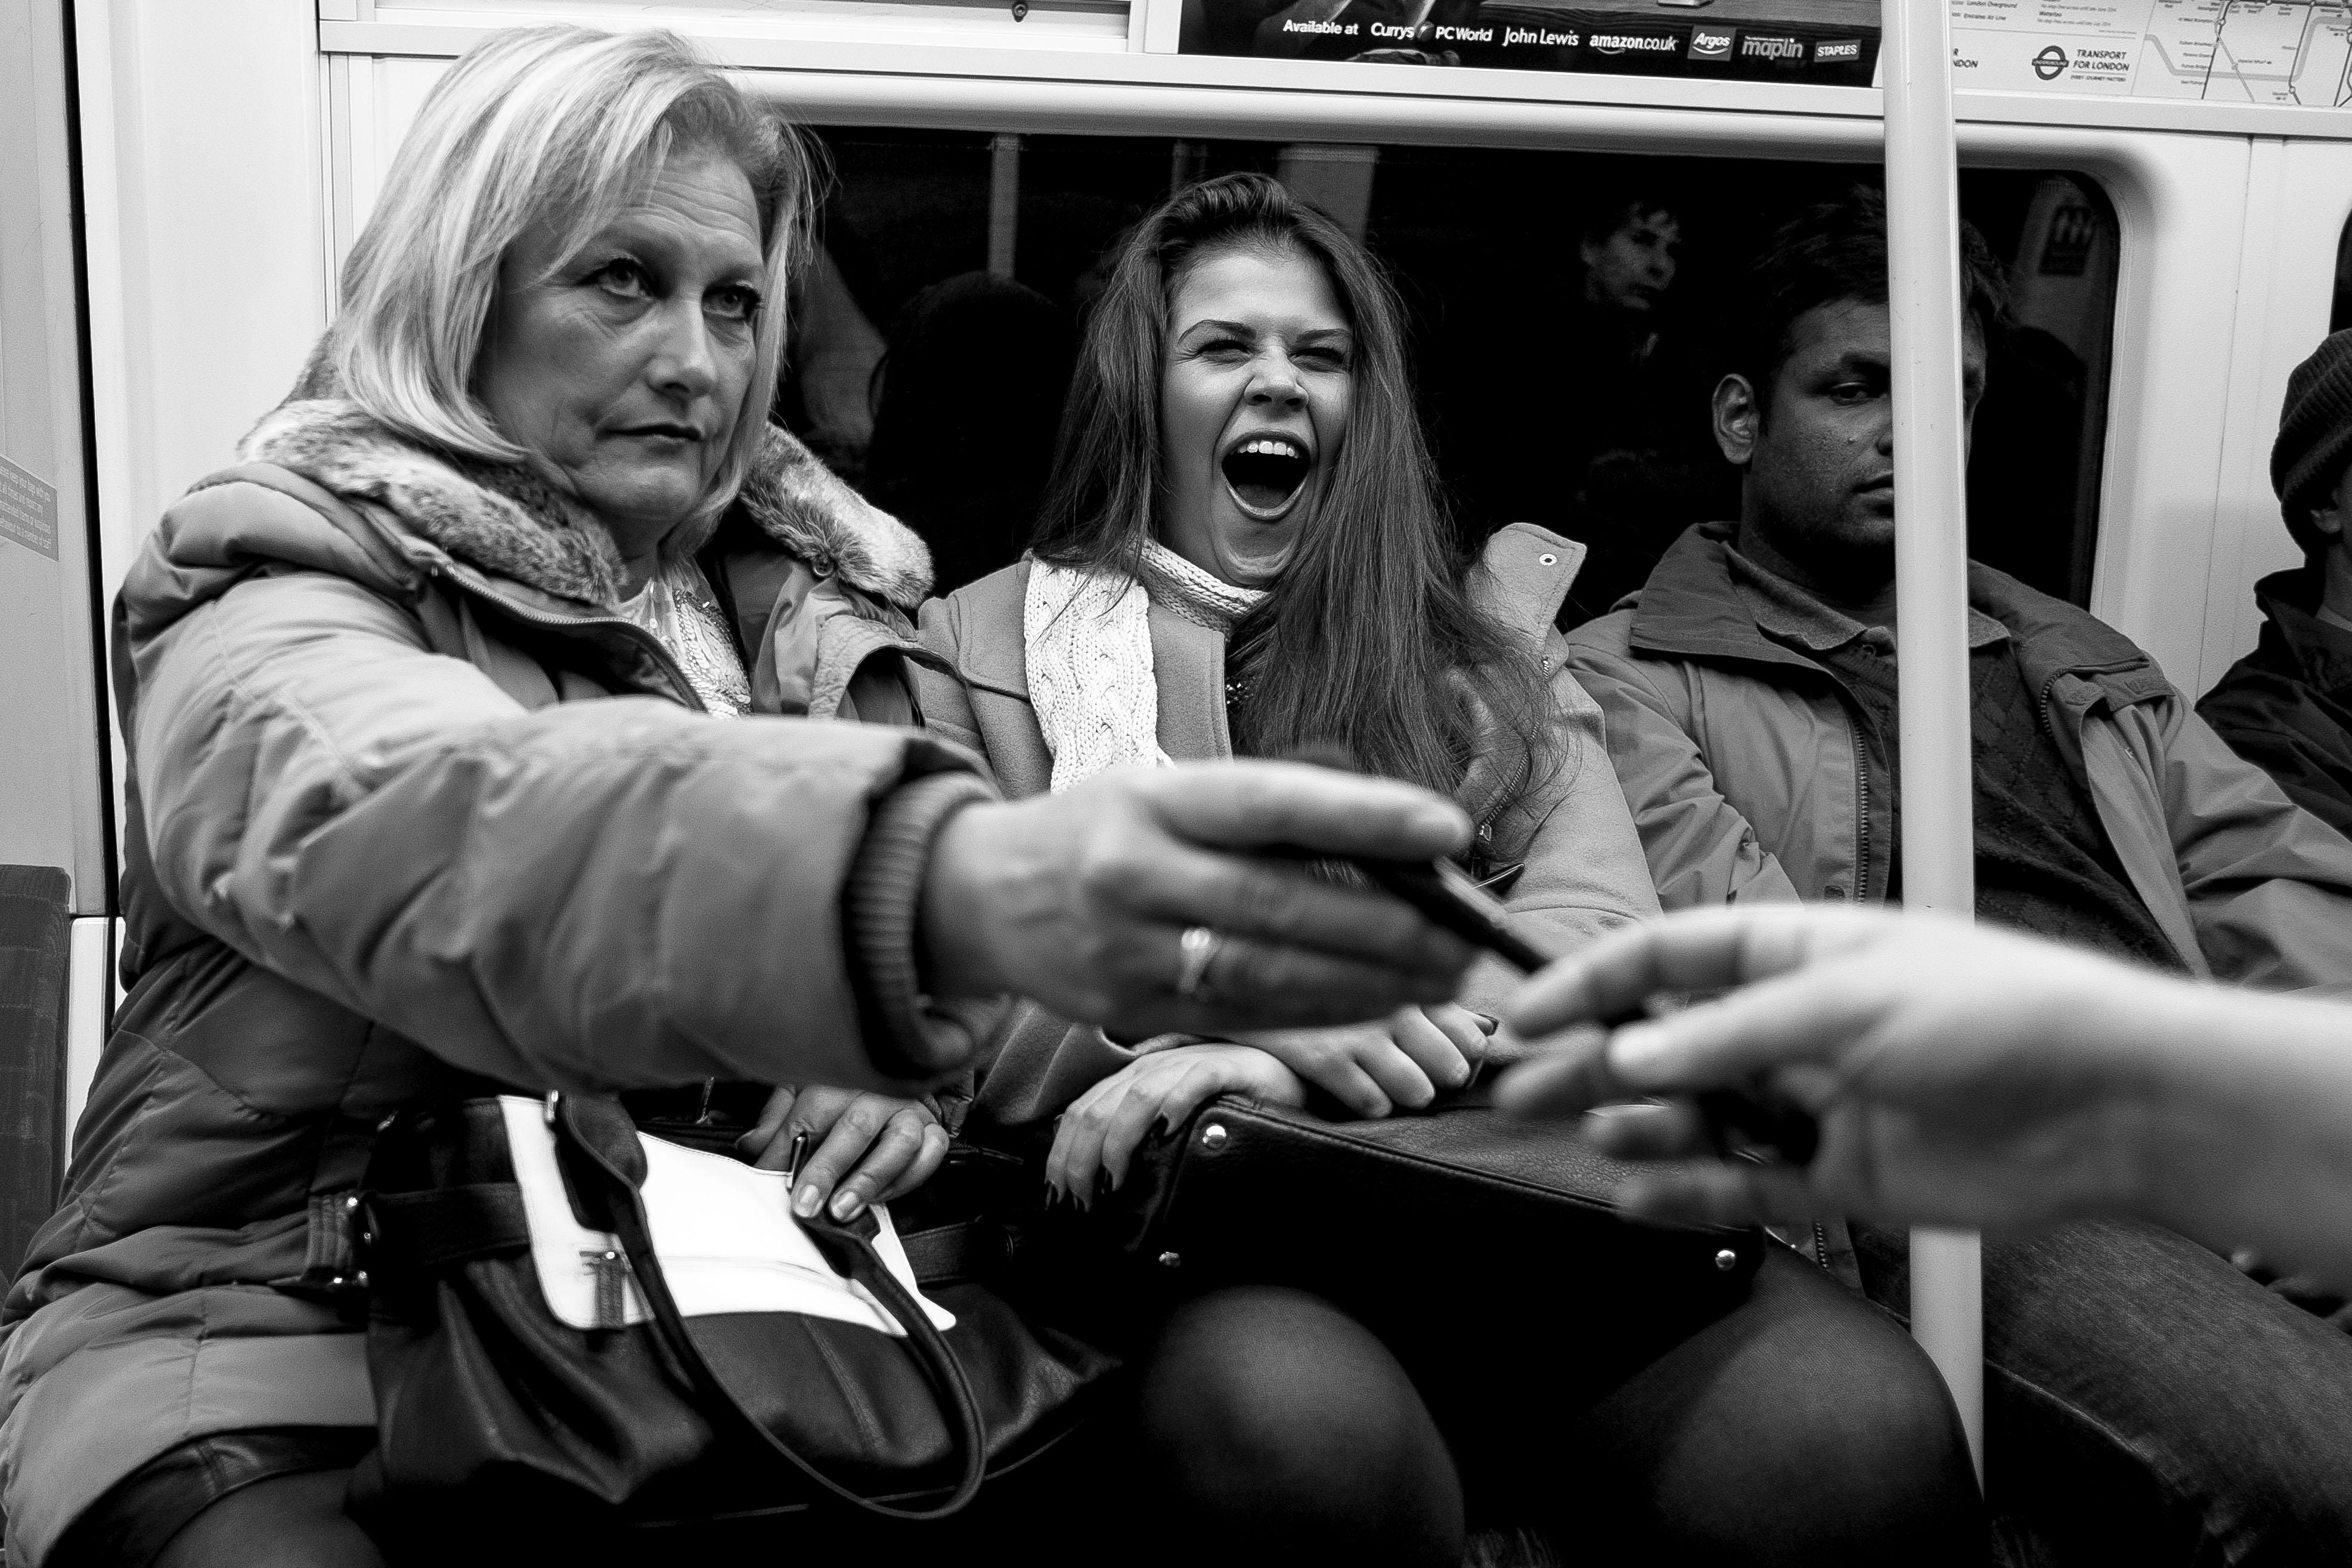 22.53. Jubilee Line, London 2015